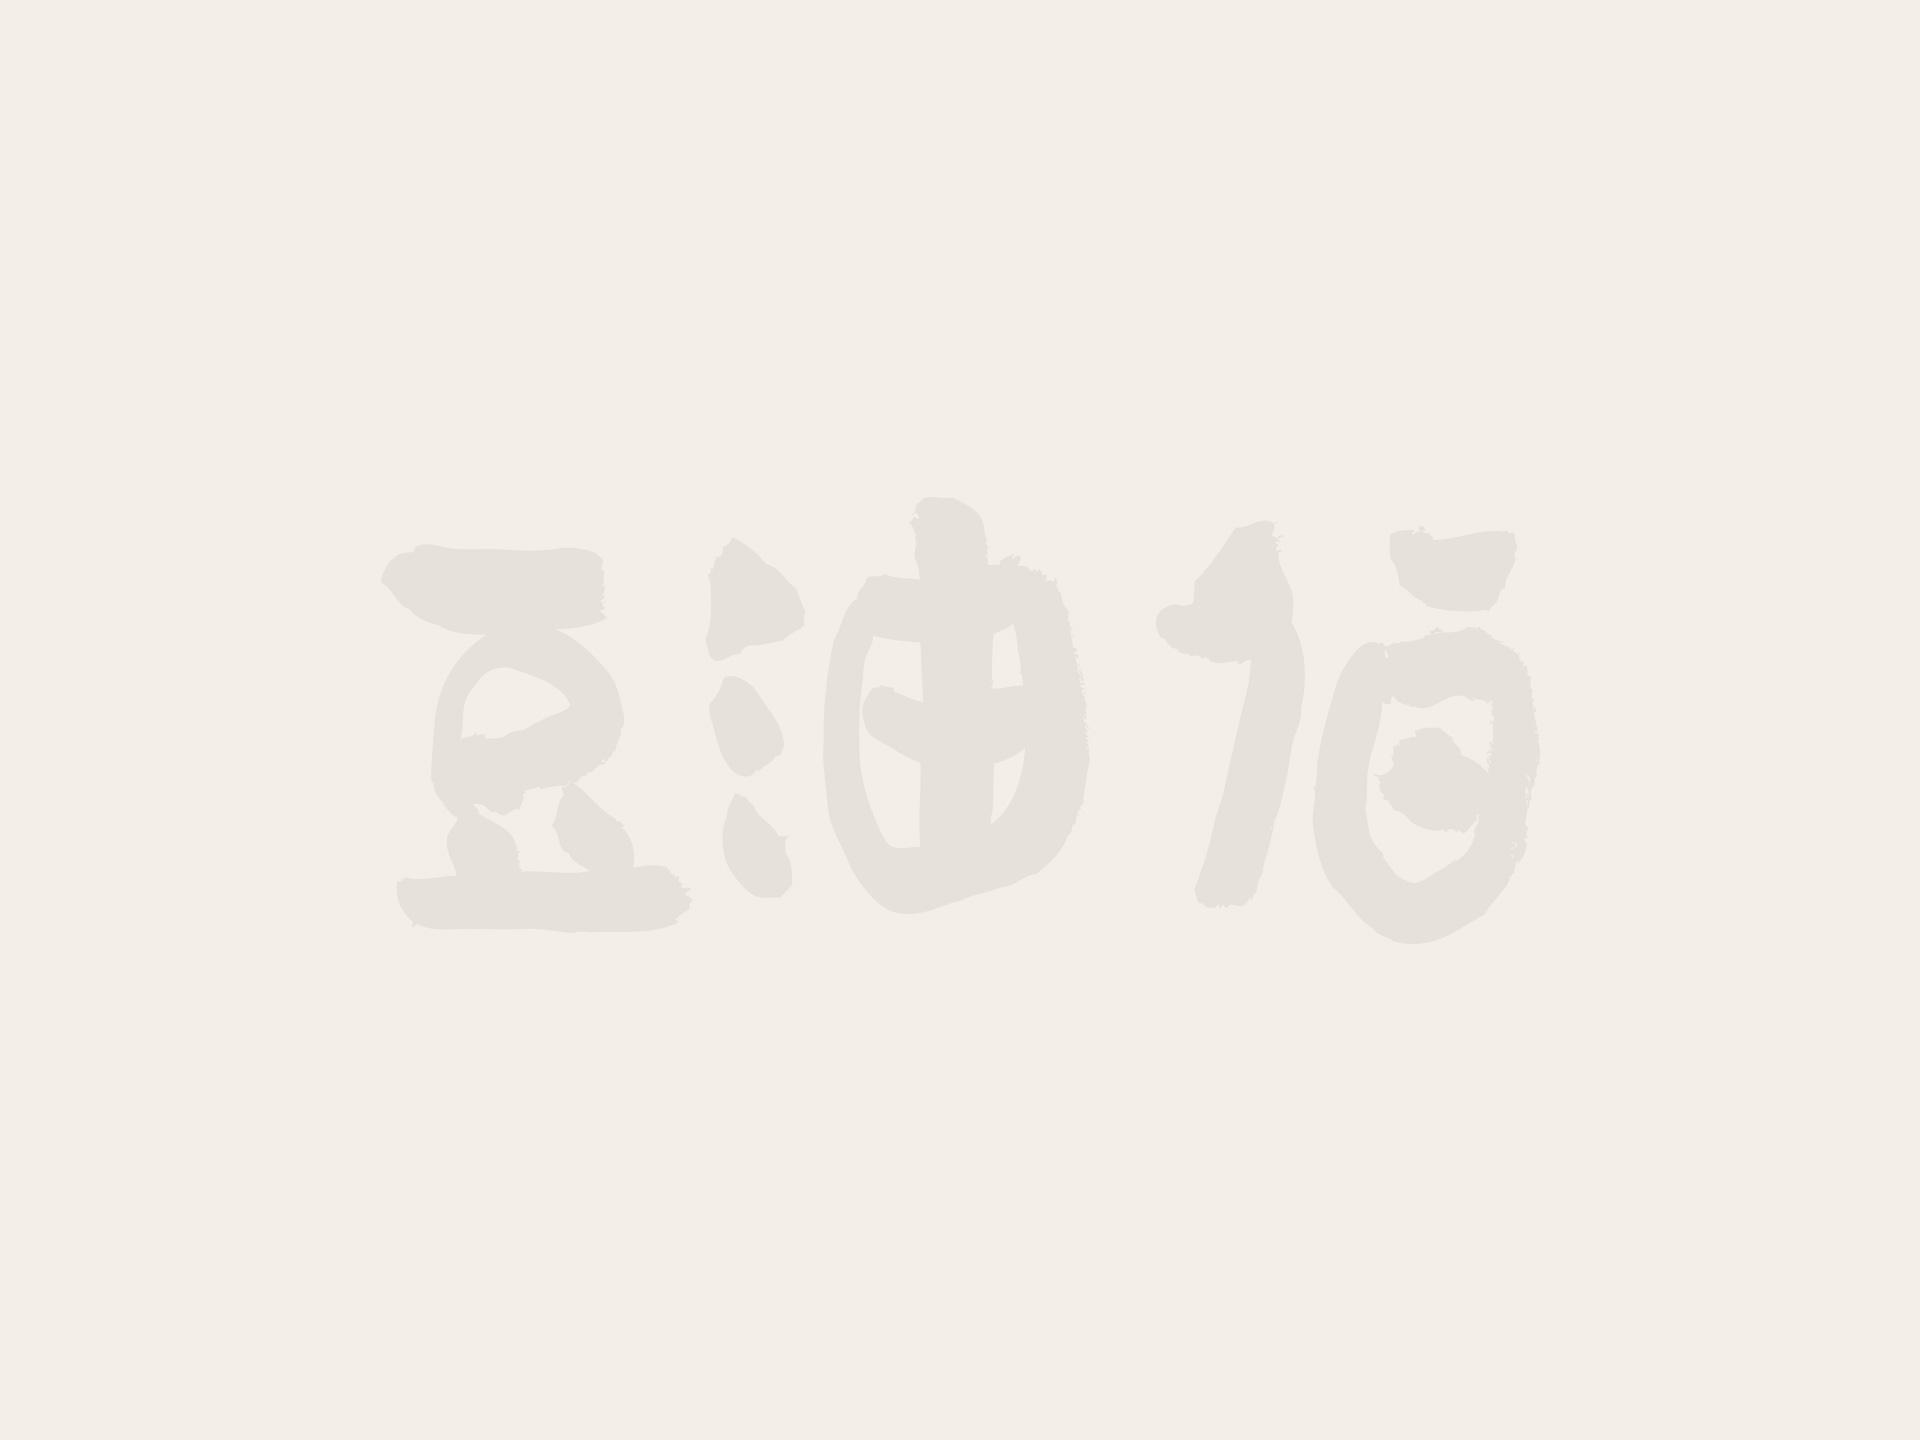 【1212優惠組】金美好醬油1入+金美滿醬油1入+巴狄尼絲橄欖油2入(共4入)